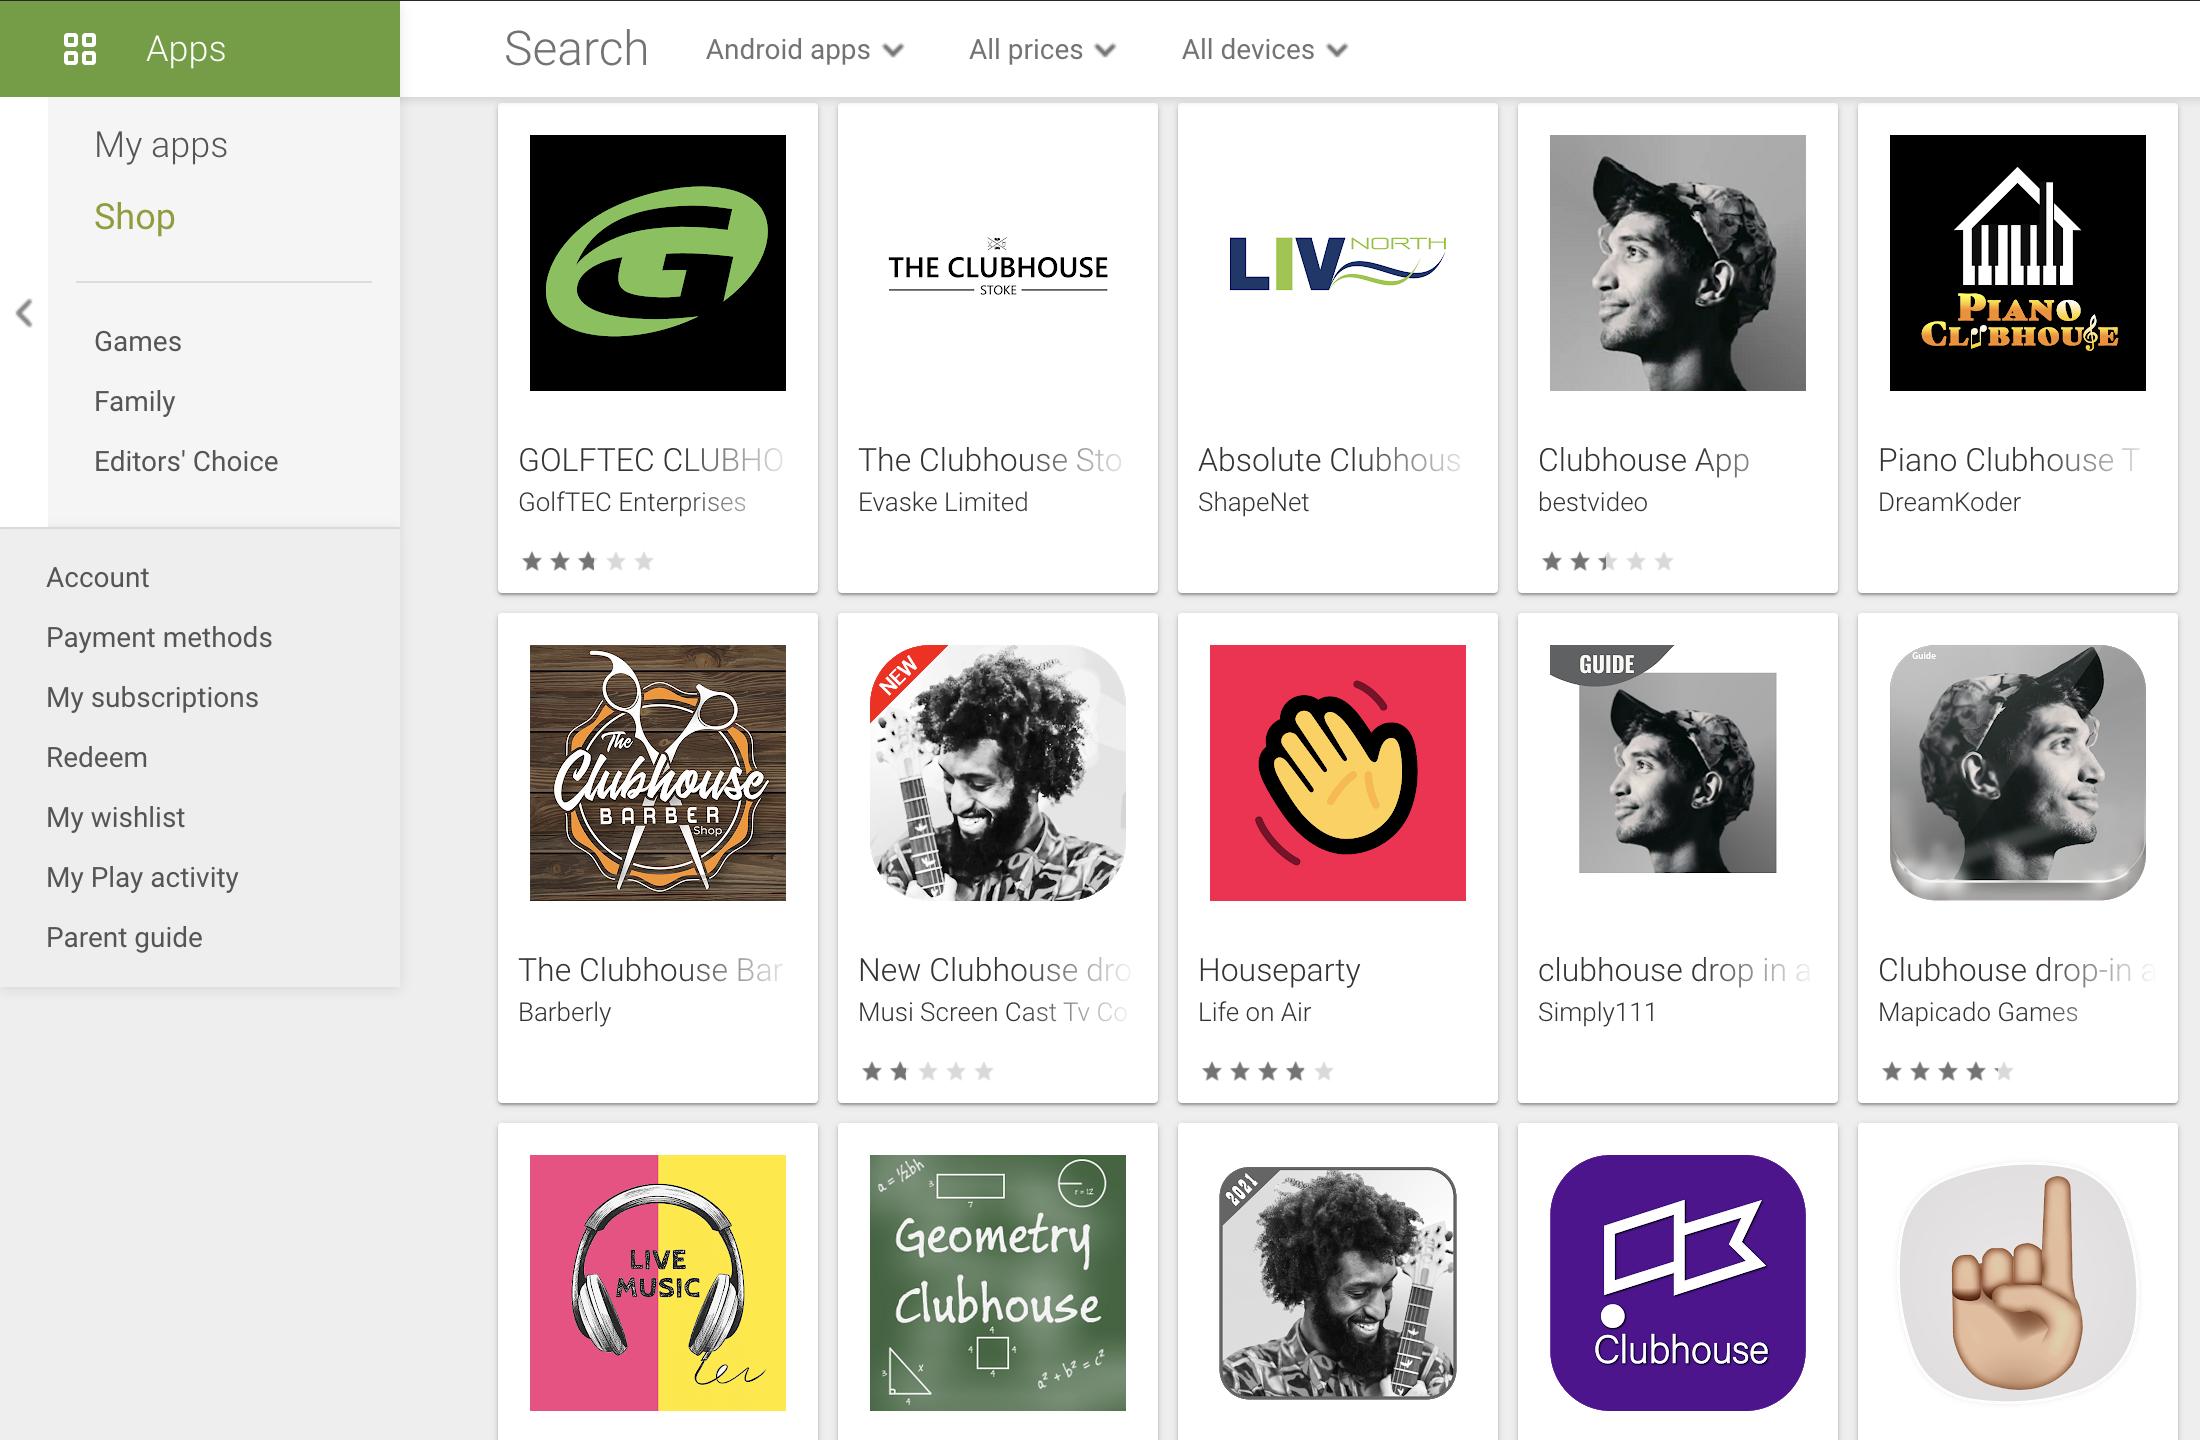 В Google Play появилось невероятное количество поддельных приложений Clubhouse для Android